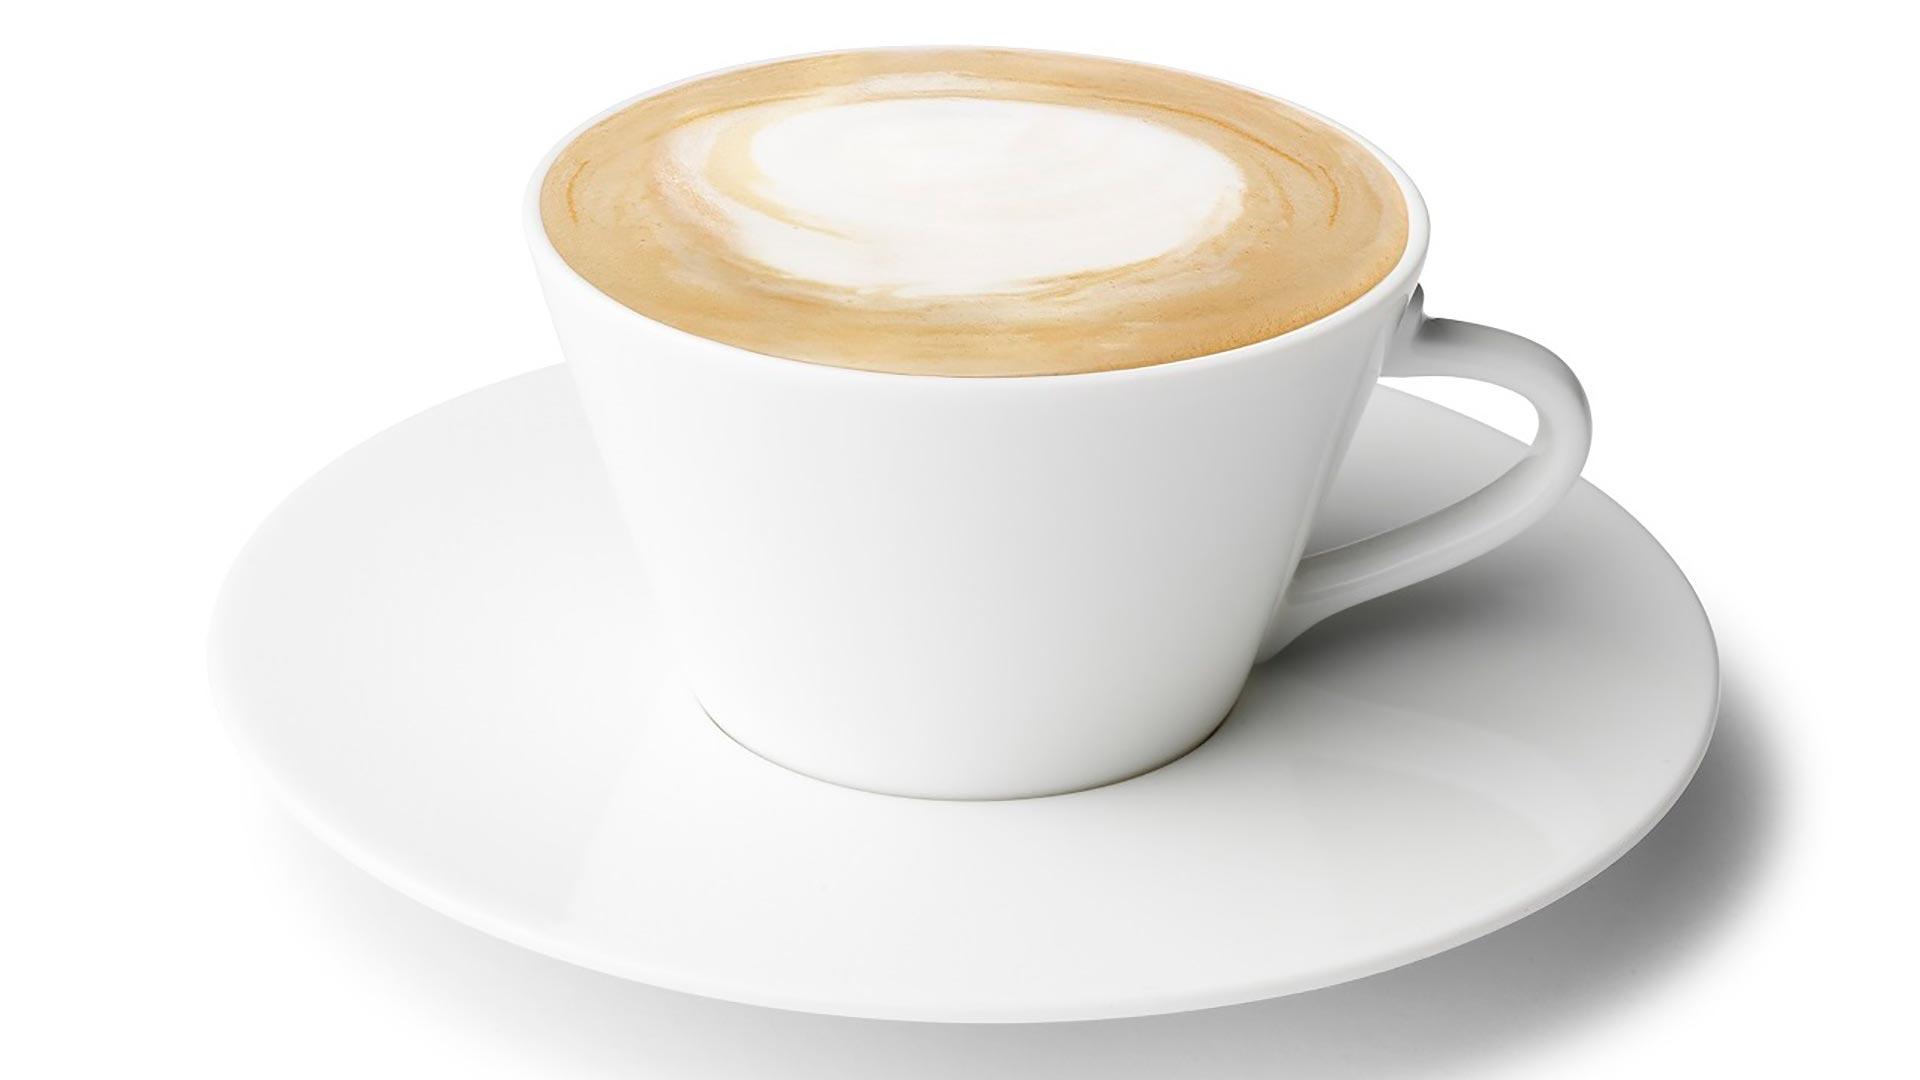 Caf nonna de exportaci n for Taza de cafe con leche